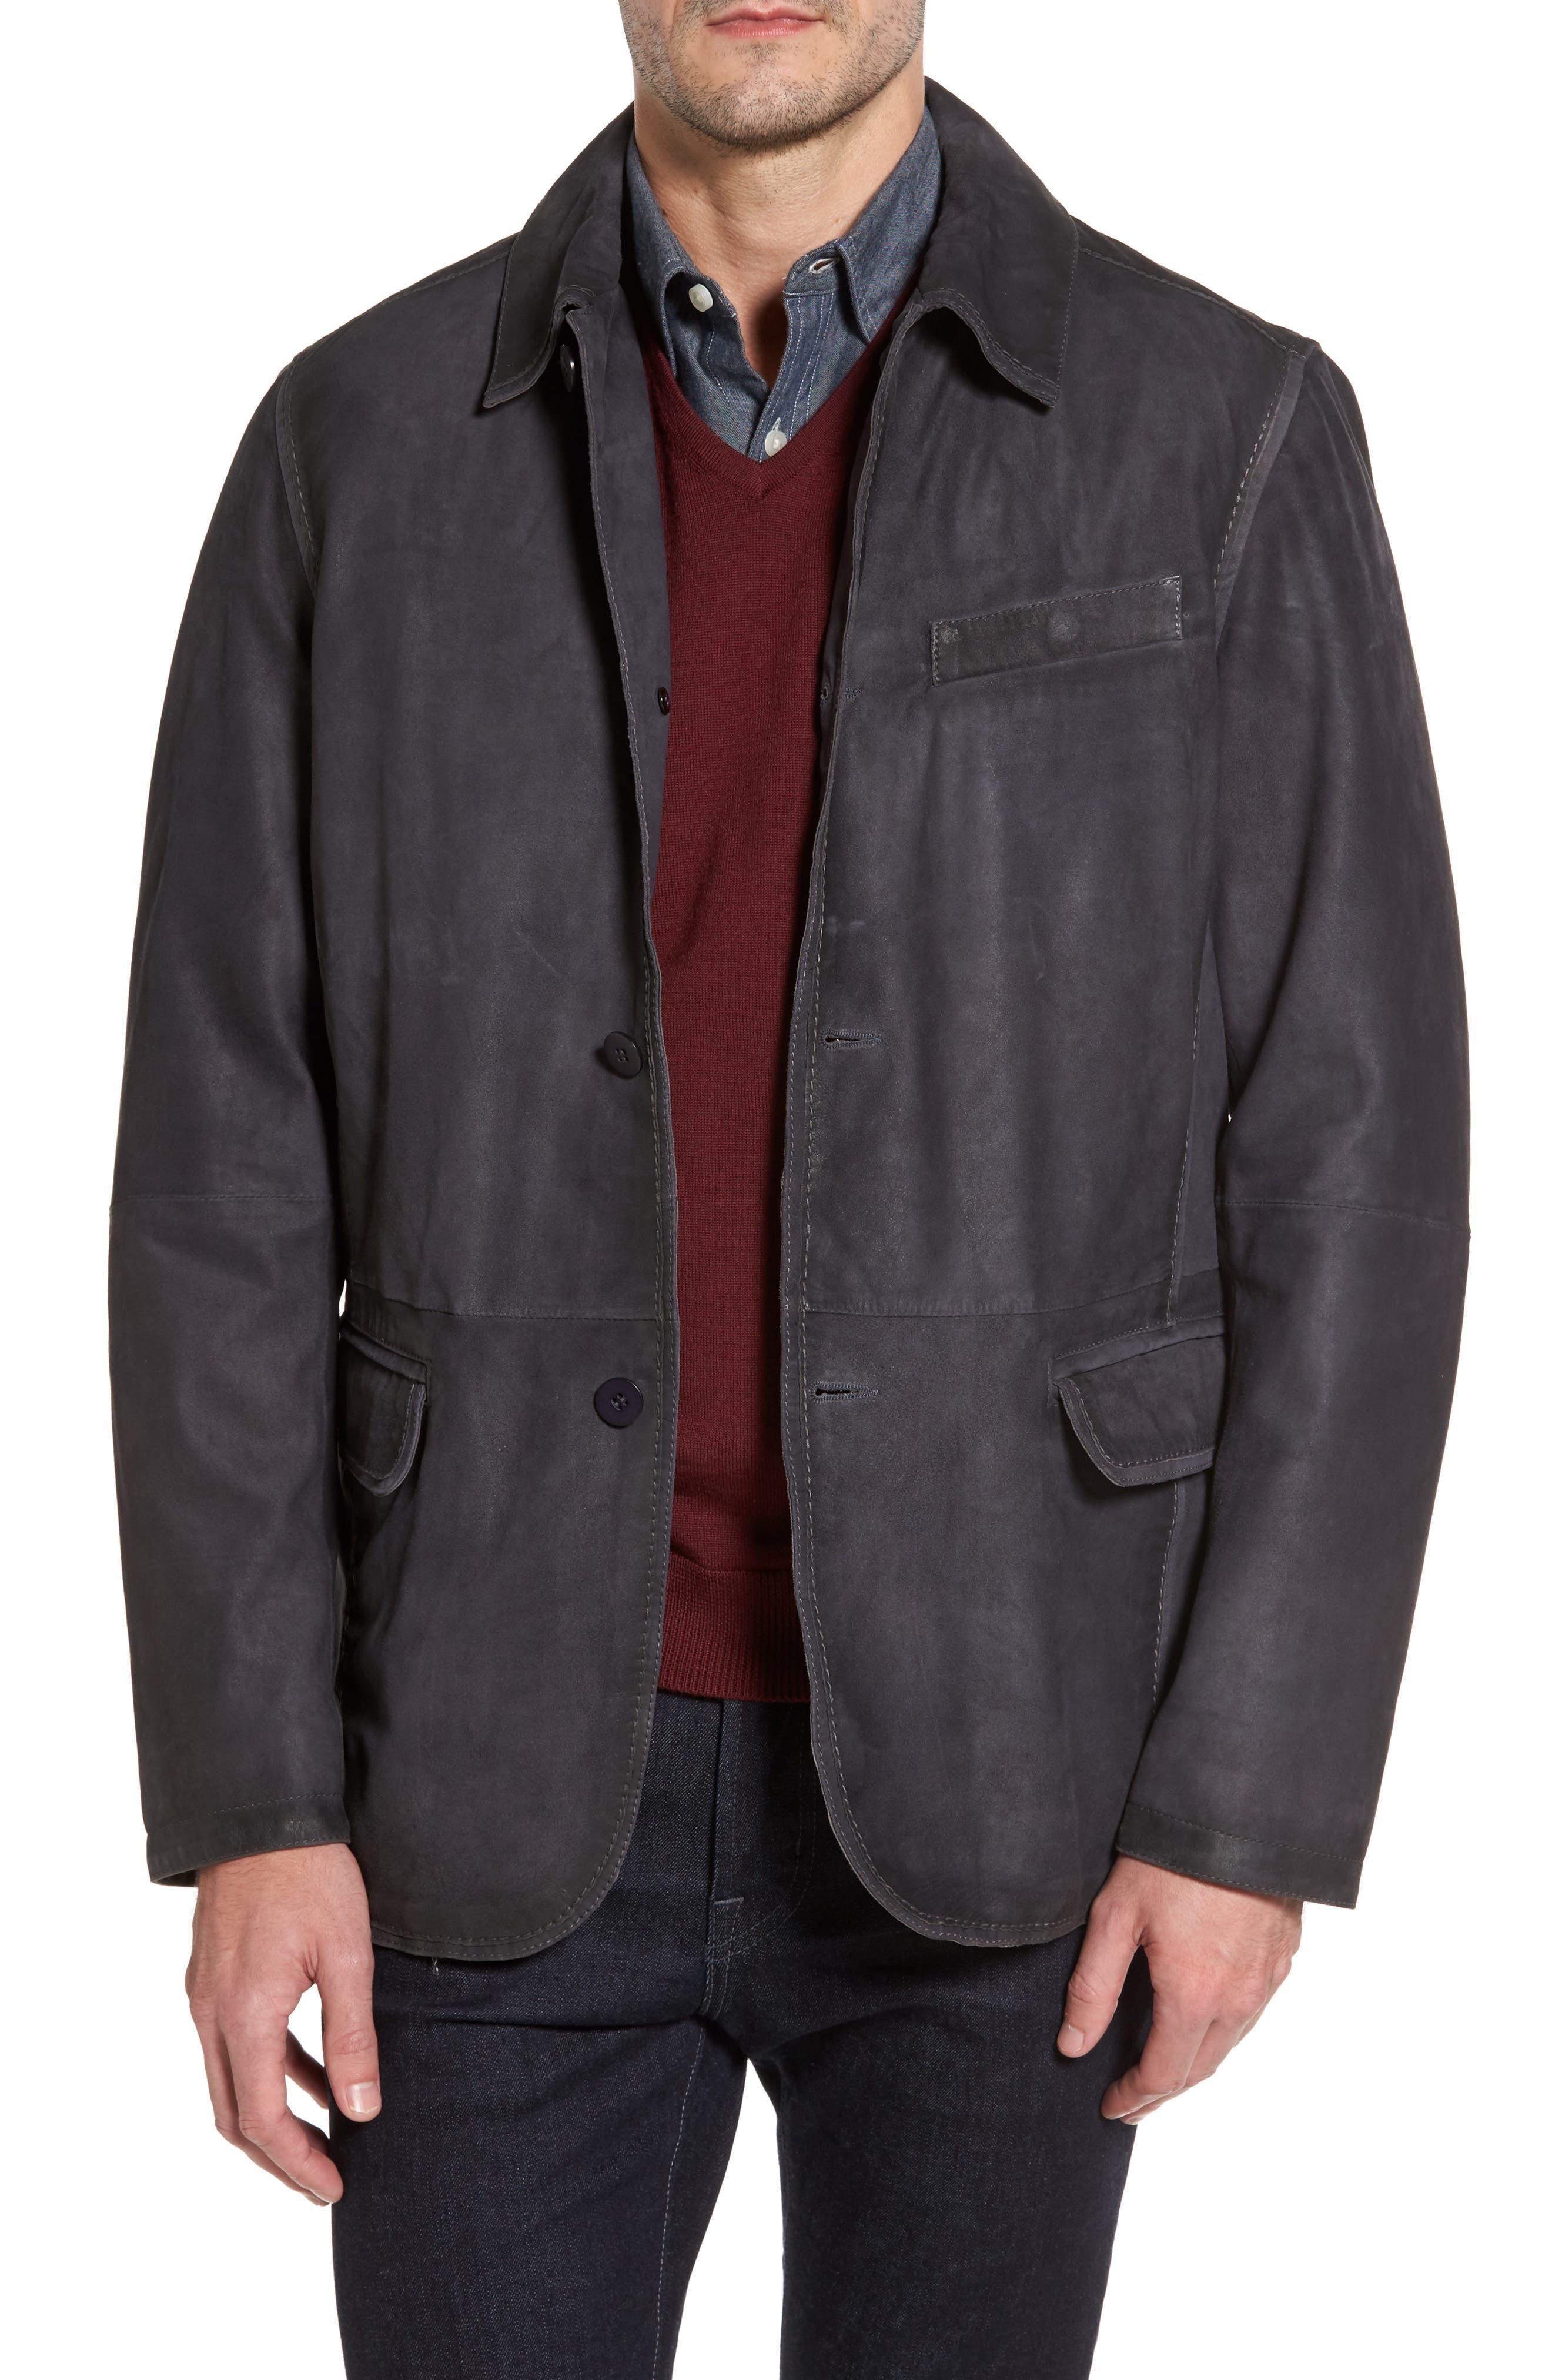 Missani Le Collezioni Burnished Leather Jacket